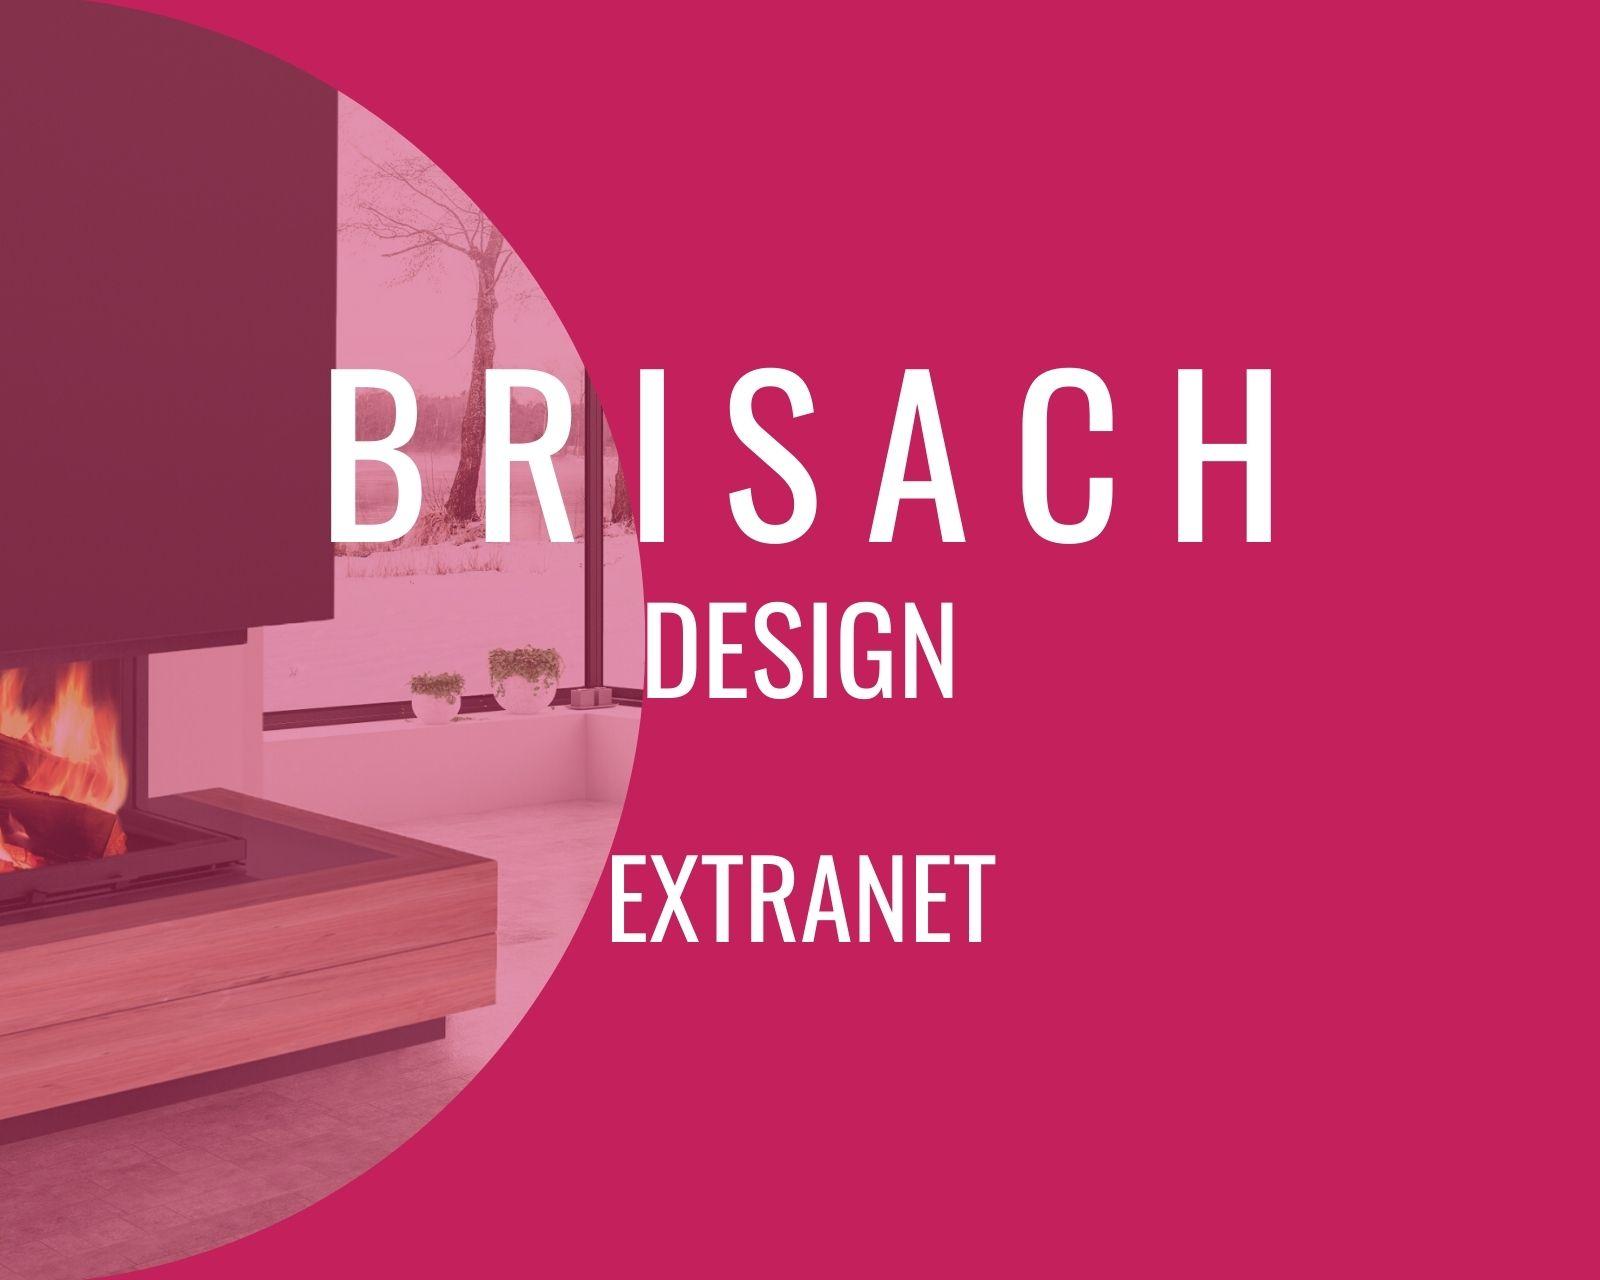 Réalisation d'un Extranet - Société Brisach Design